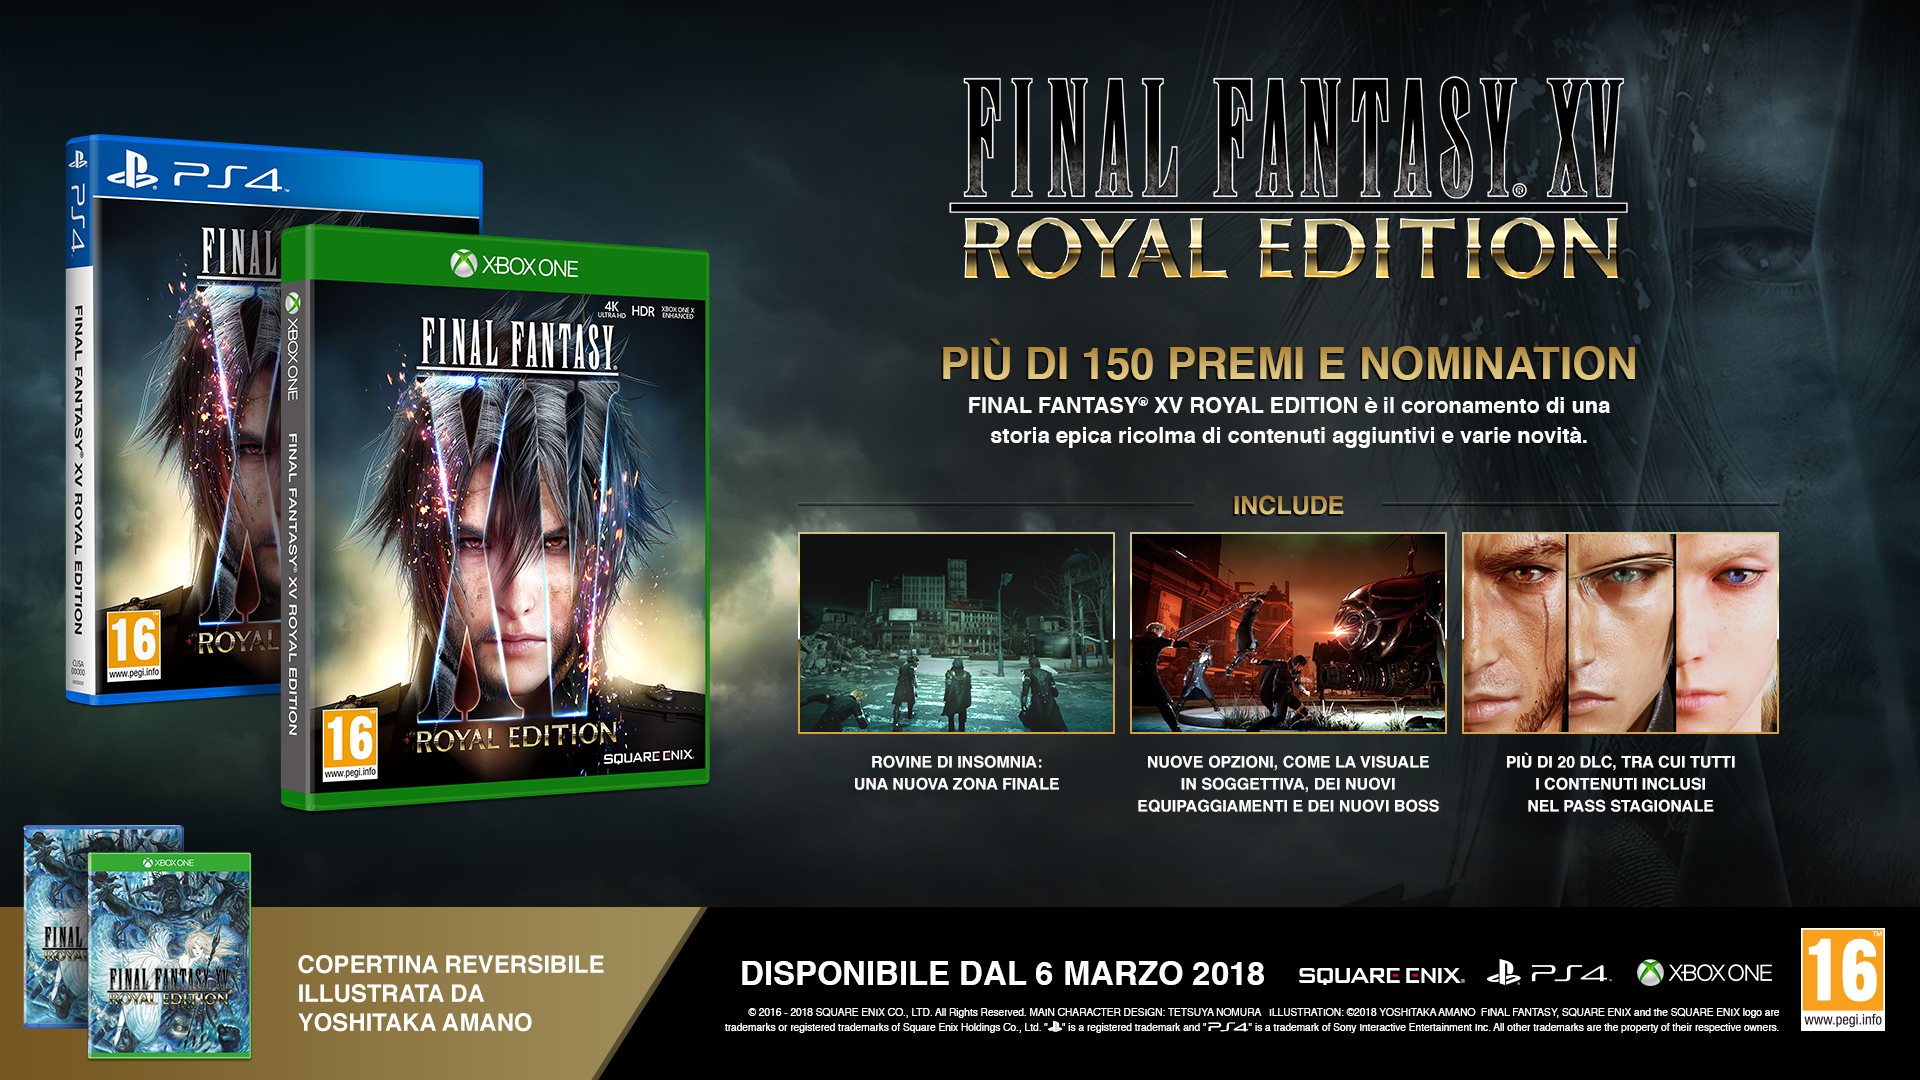 La versione europea di Final Fantasy XV: Royal Edition avrà una doppia cover!